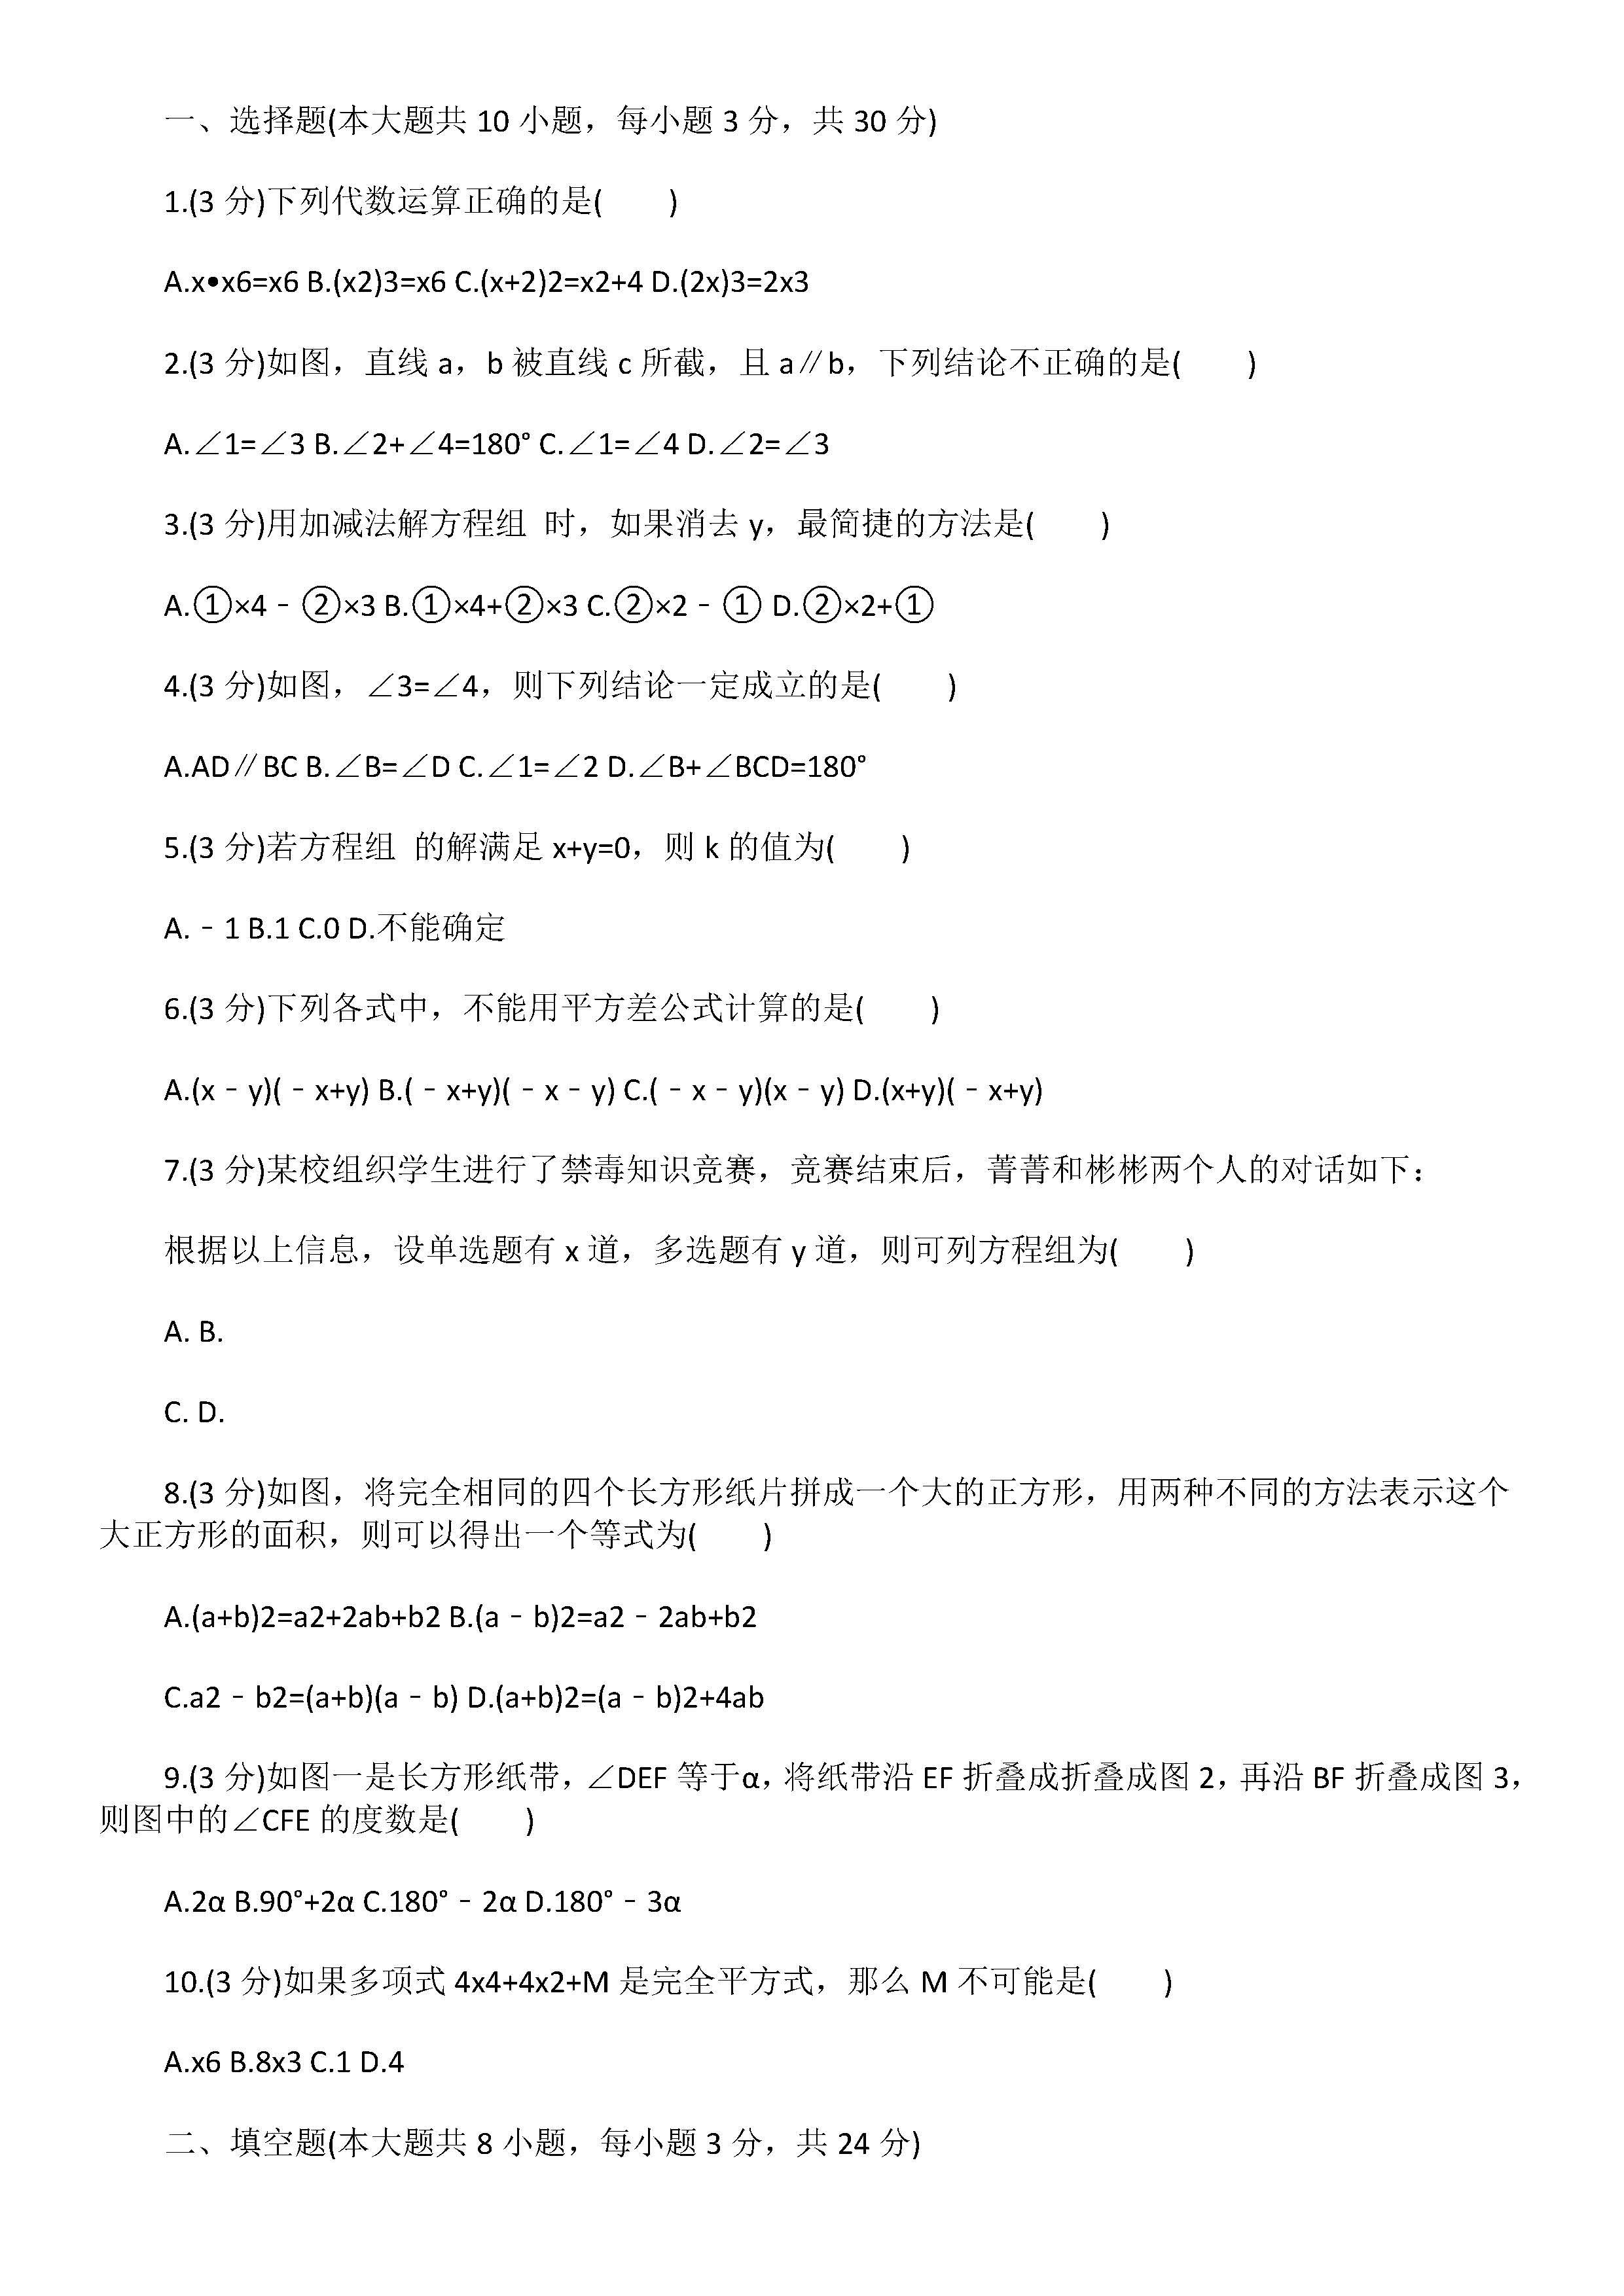 2019届七年级数学下册期中测试题附答案解释(浙江省衢州市)